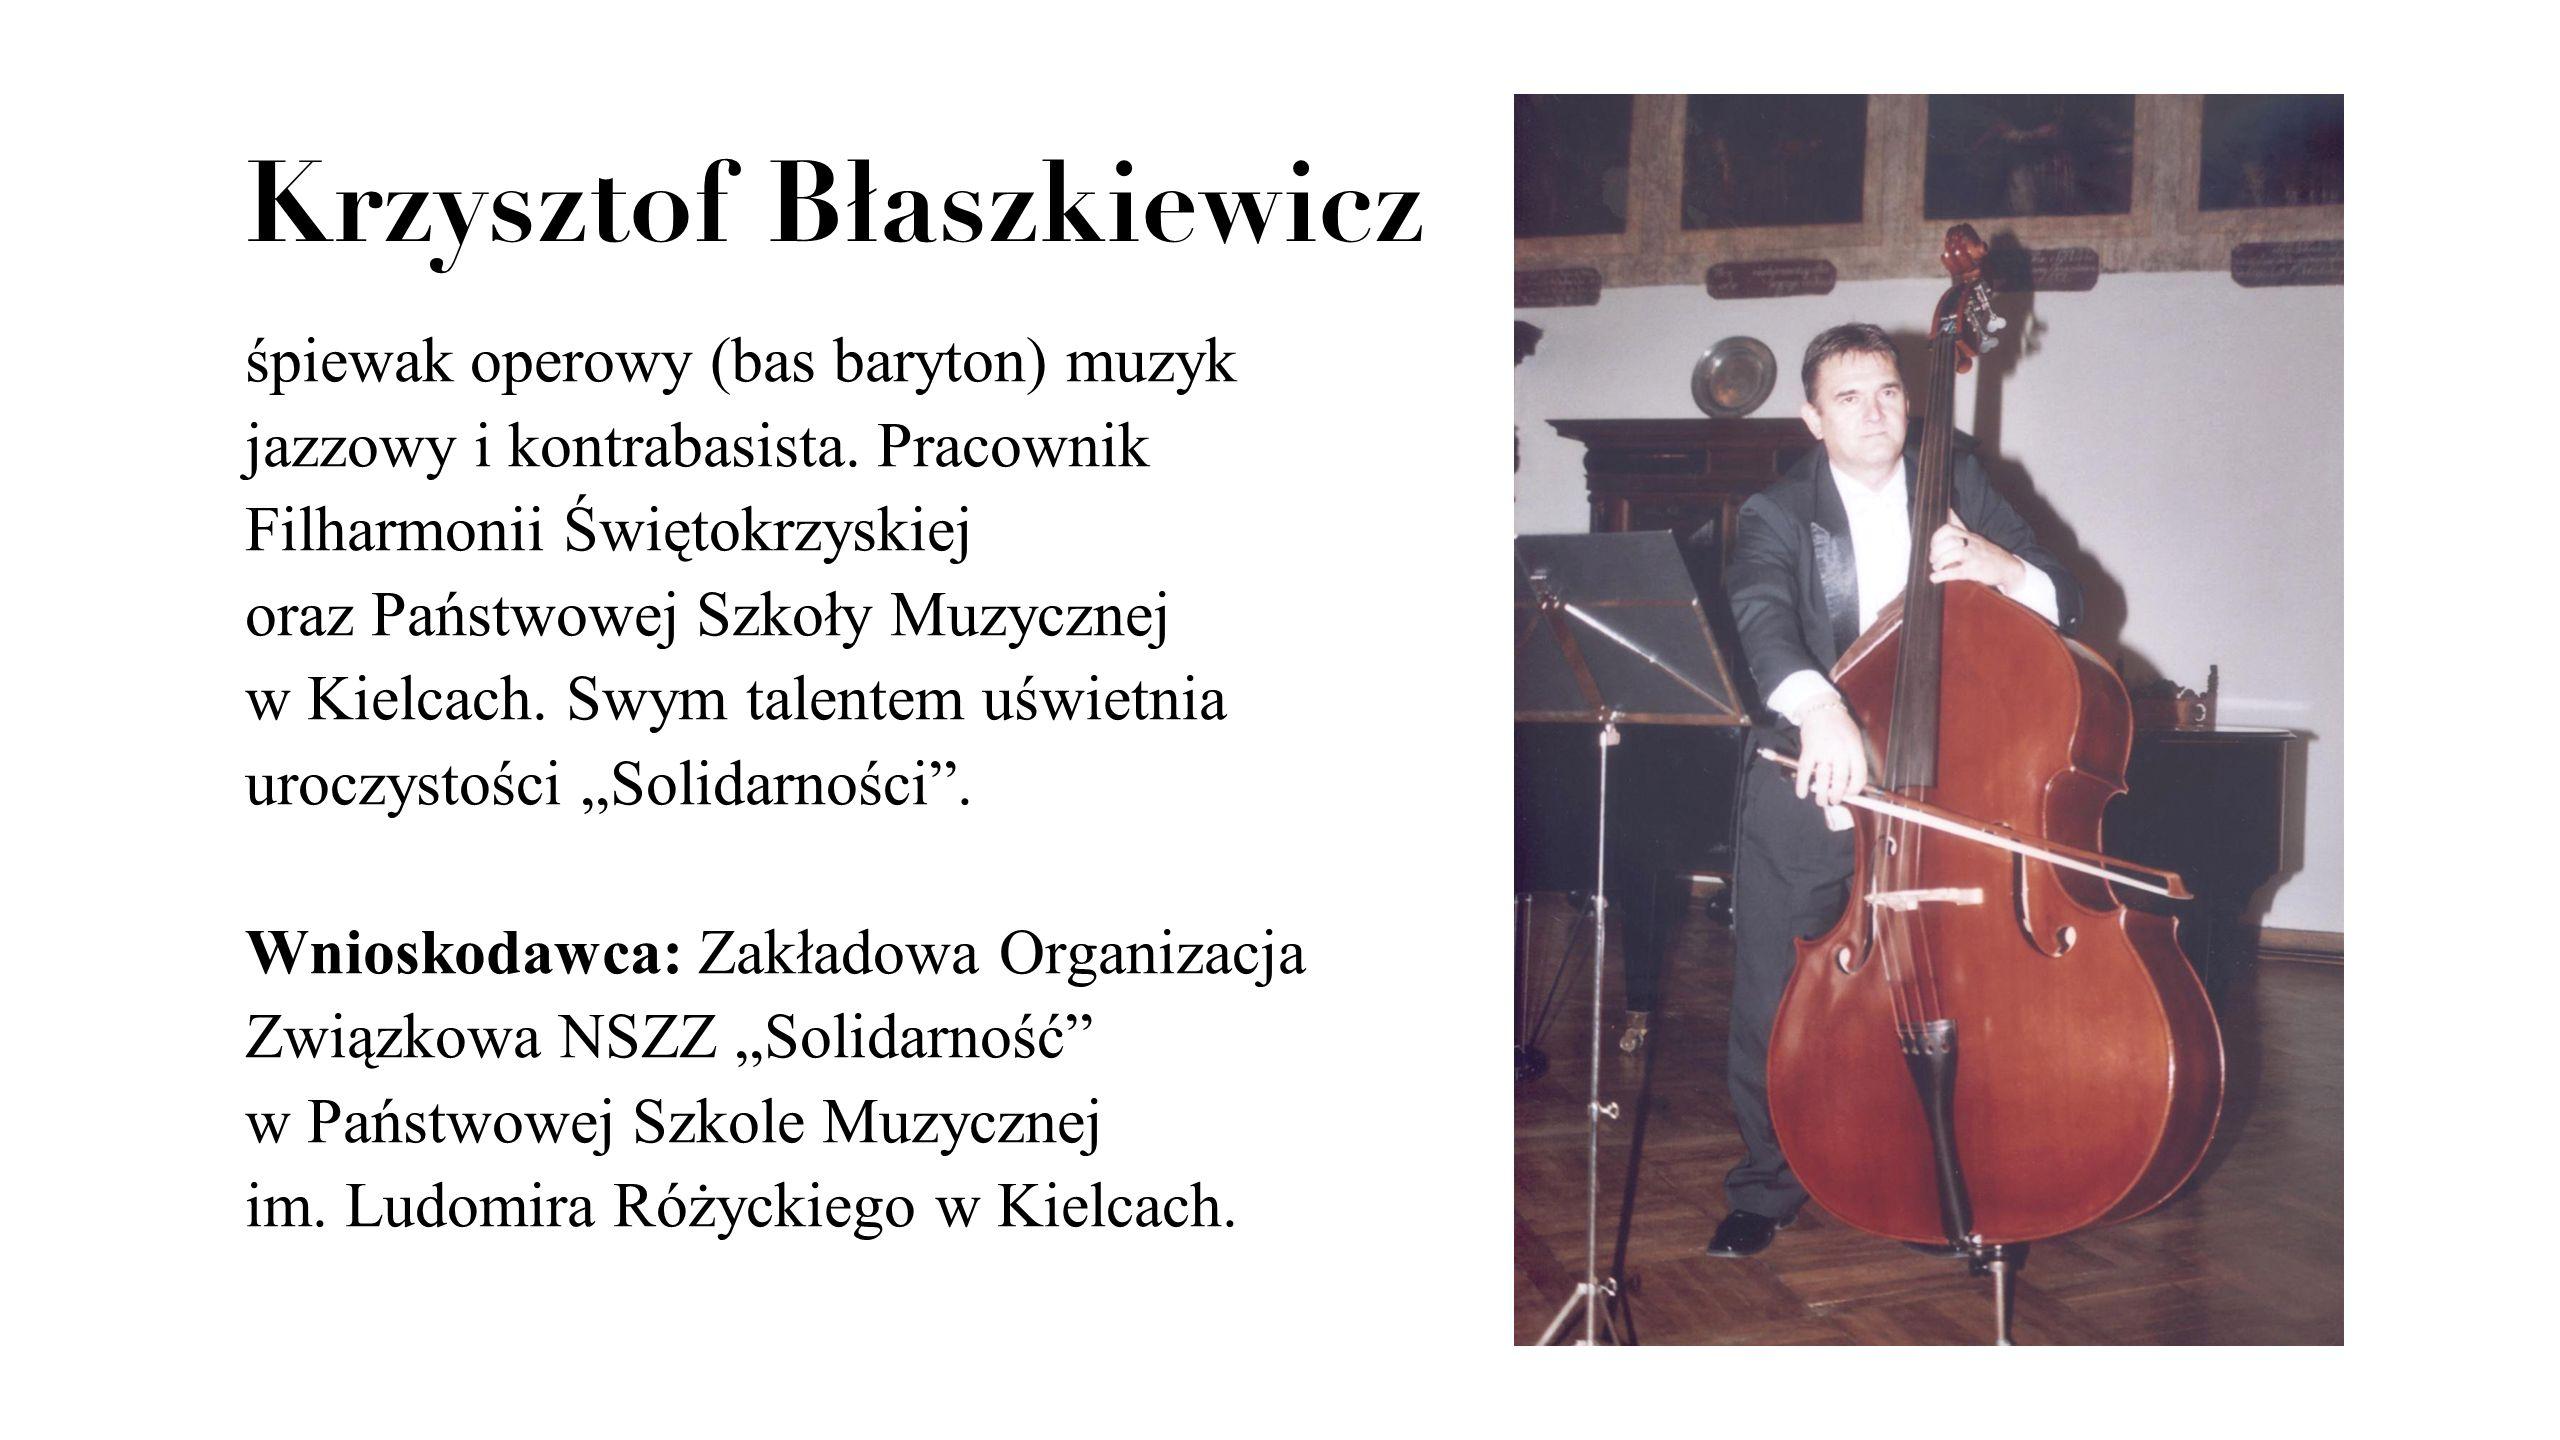 Krzysztof Błaszkiewicz